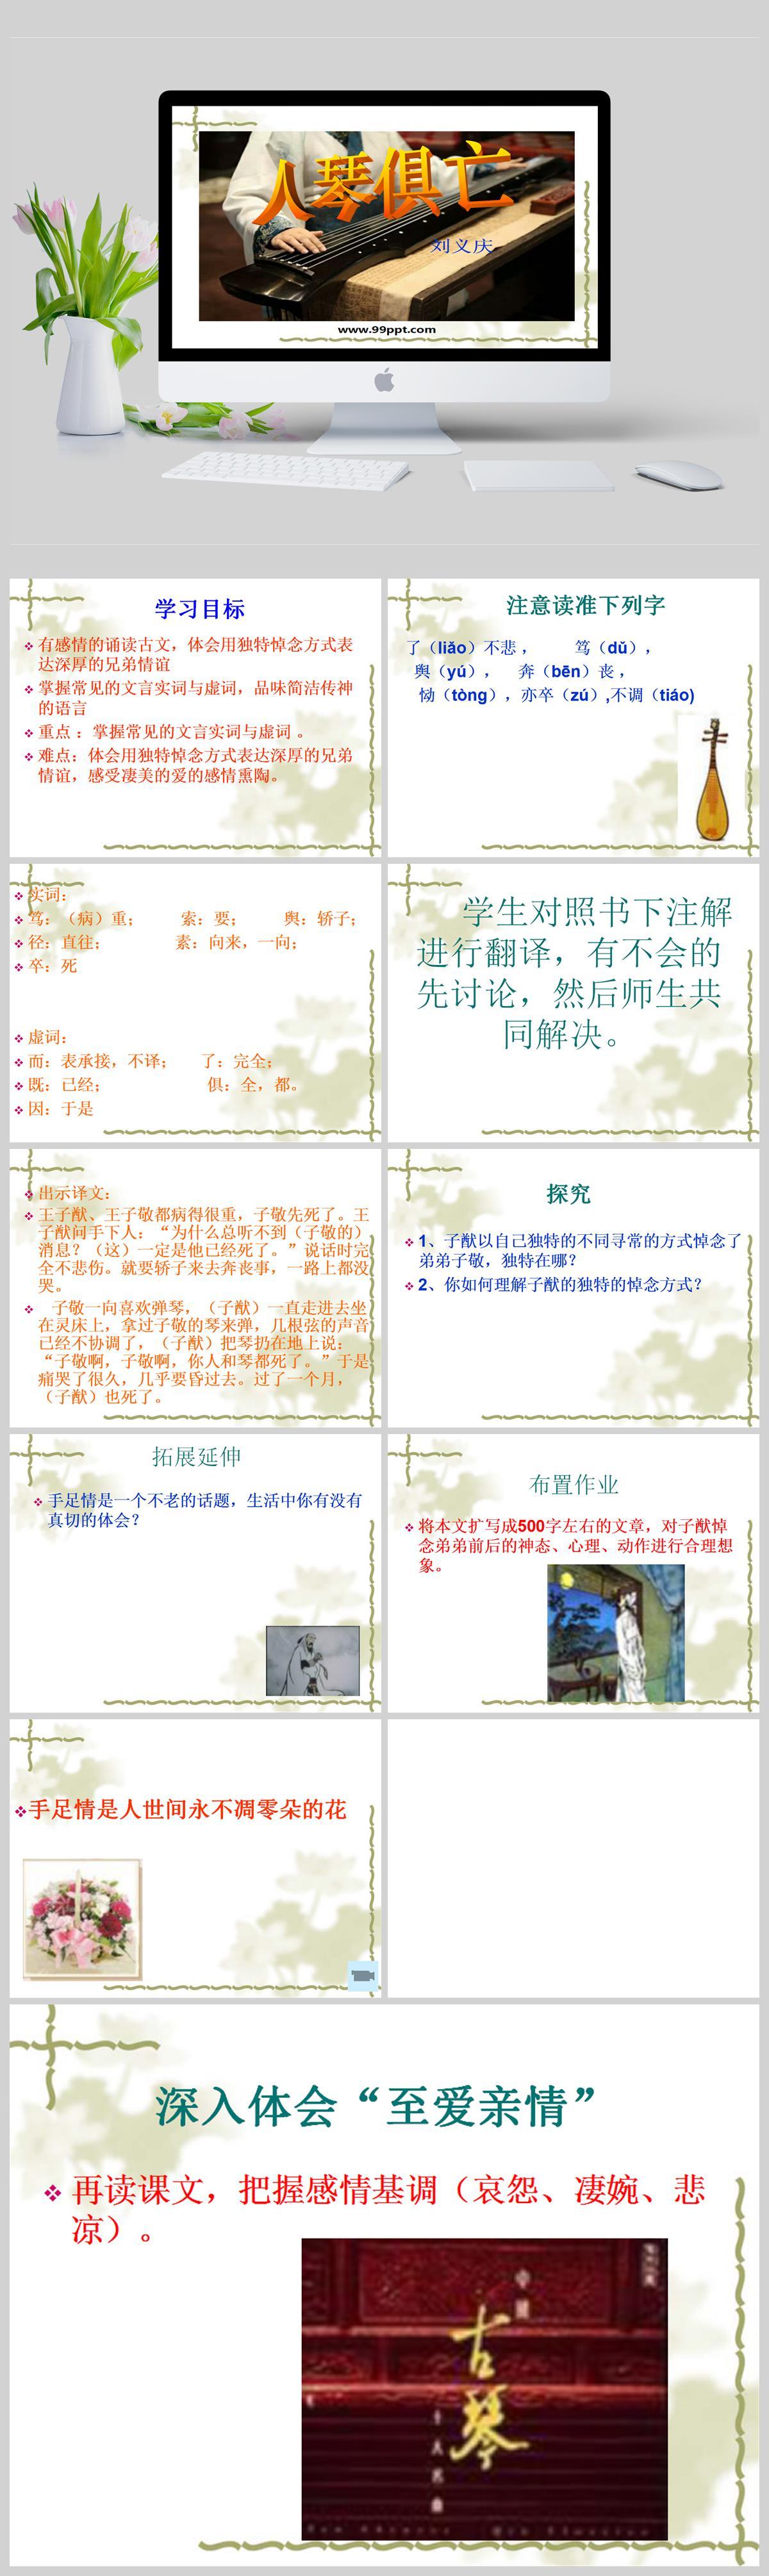 苏教版八年级语文课件上册人琴俱亡PPT模板